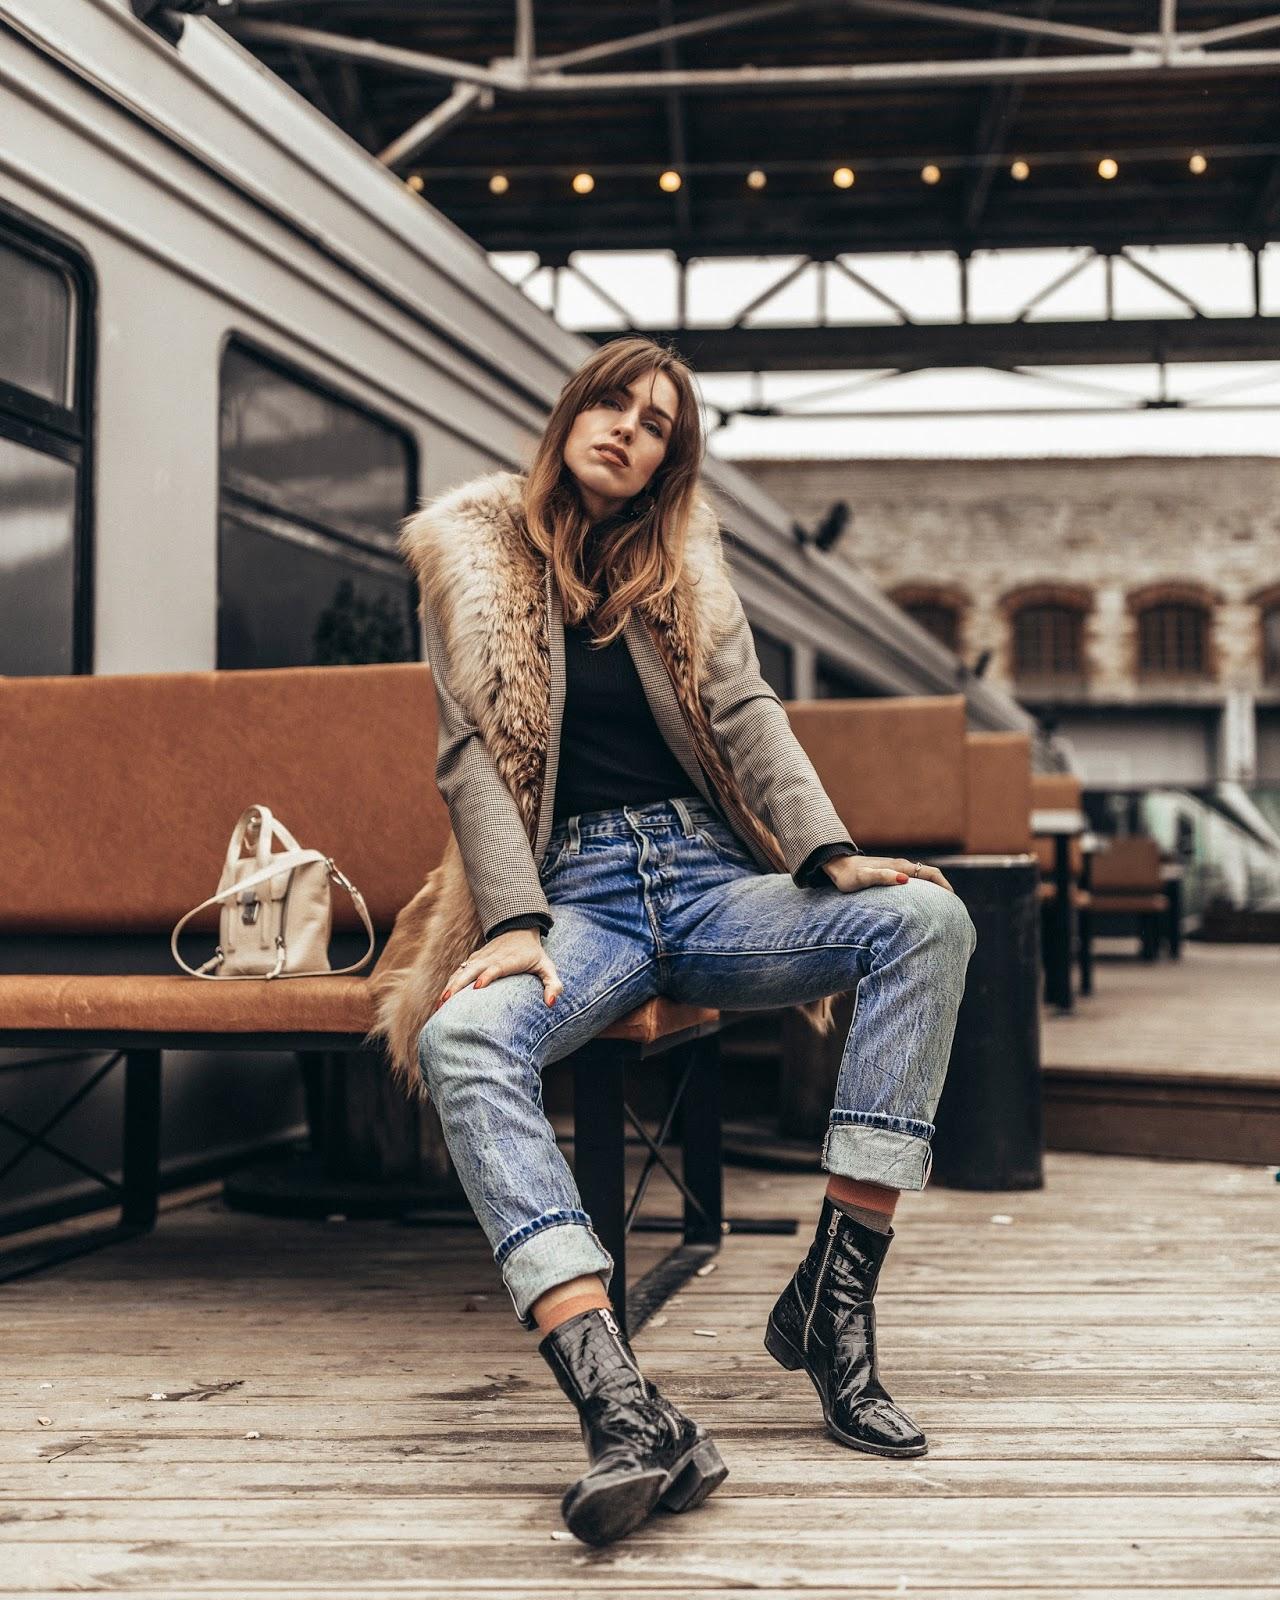 levis 501 jeans black croc chelsea boots outfit